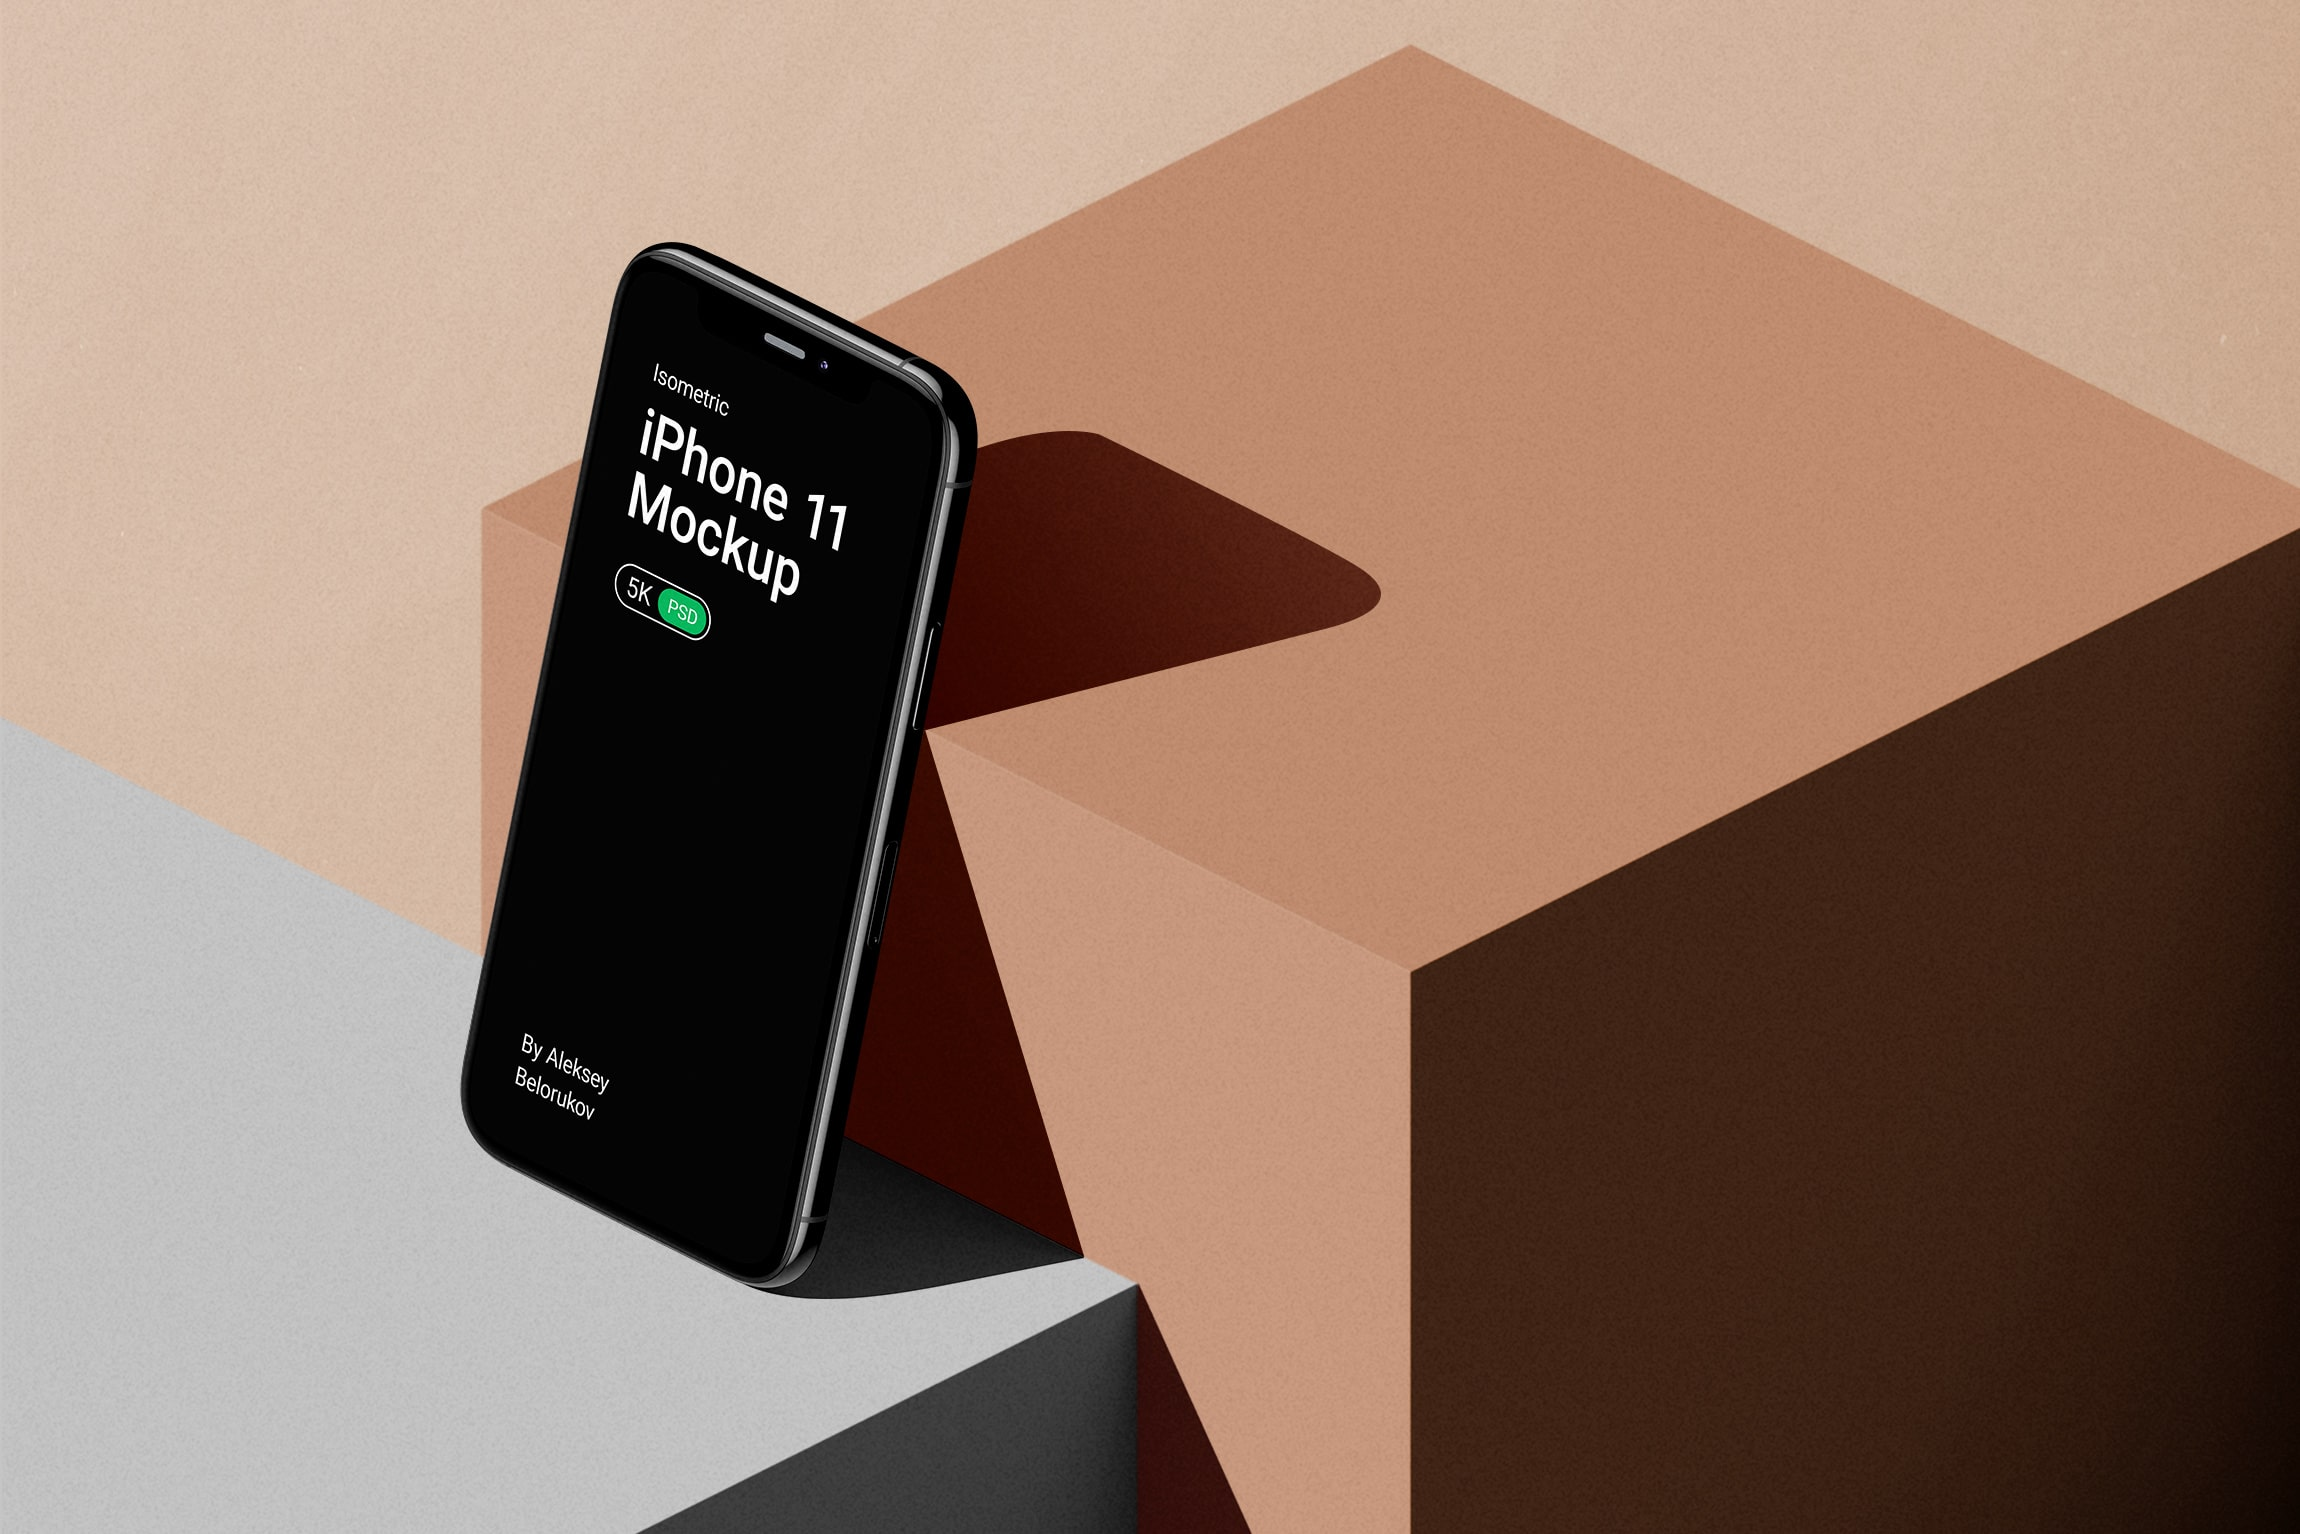 [单独购买] 16款时尚等距APP界面设计苹果设备屏幕演示场景样机模板套装 Device Pack Mockups – Isometric插图20